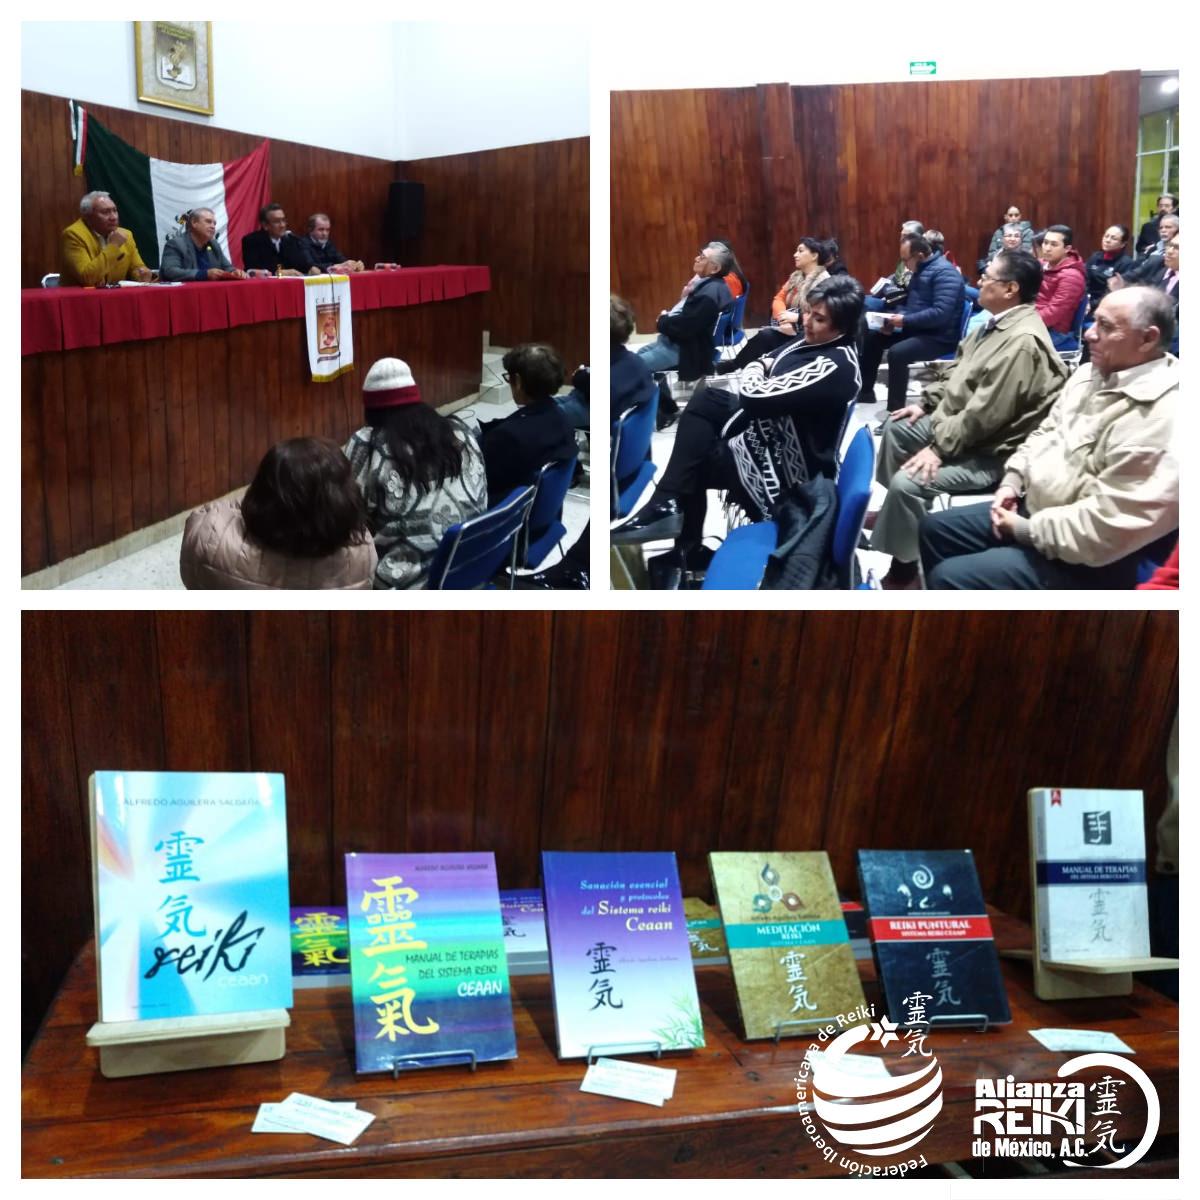 Presentación de la serie completa de libros del Sistema Reiki CEAAN